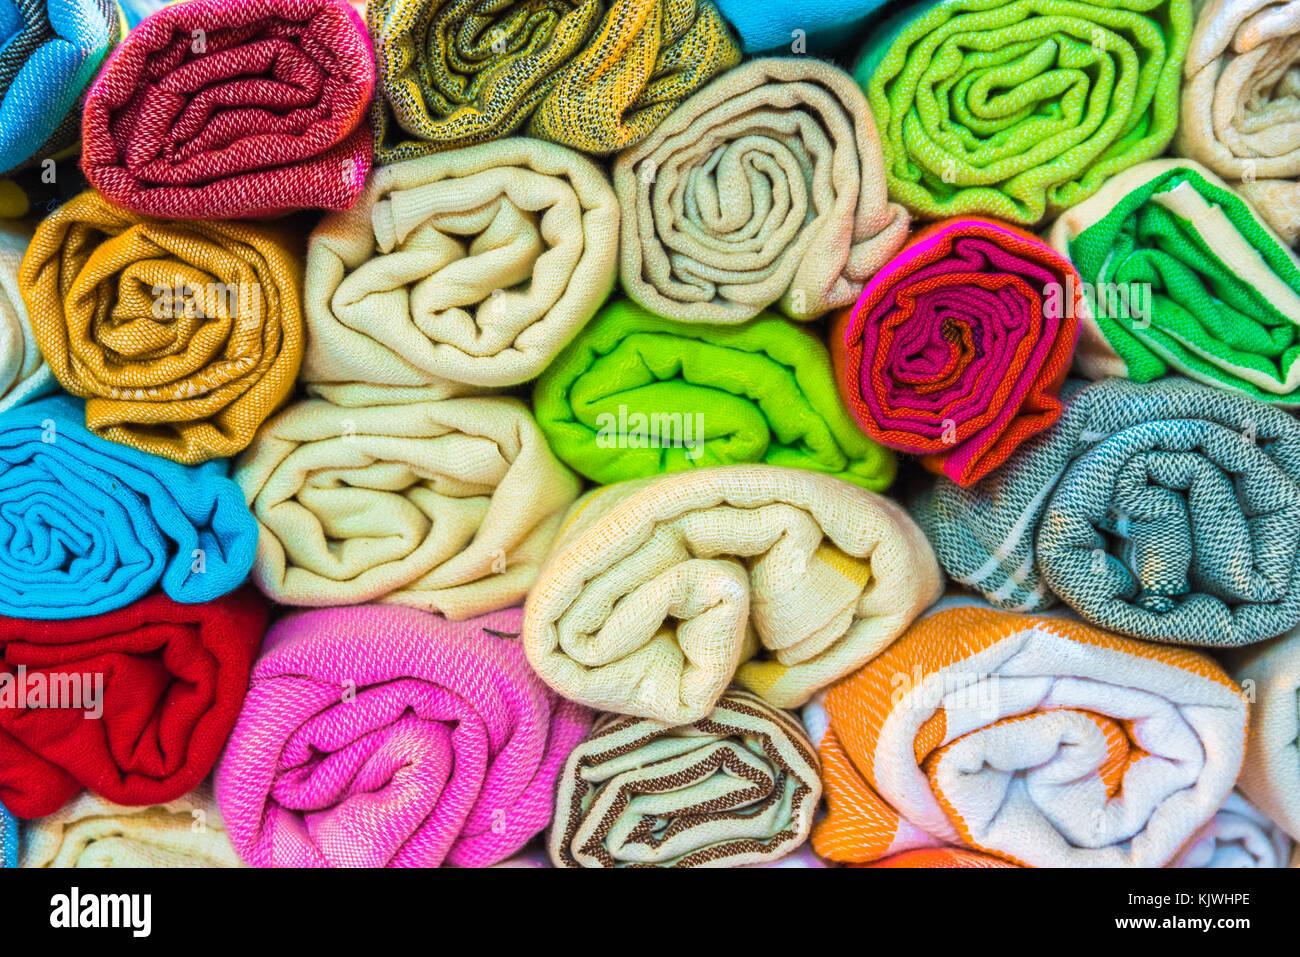 0b58921735e6 Composé en forme de rouleau de soie colorés traditionnels empilés ,chef des  foulards ou des